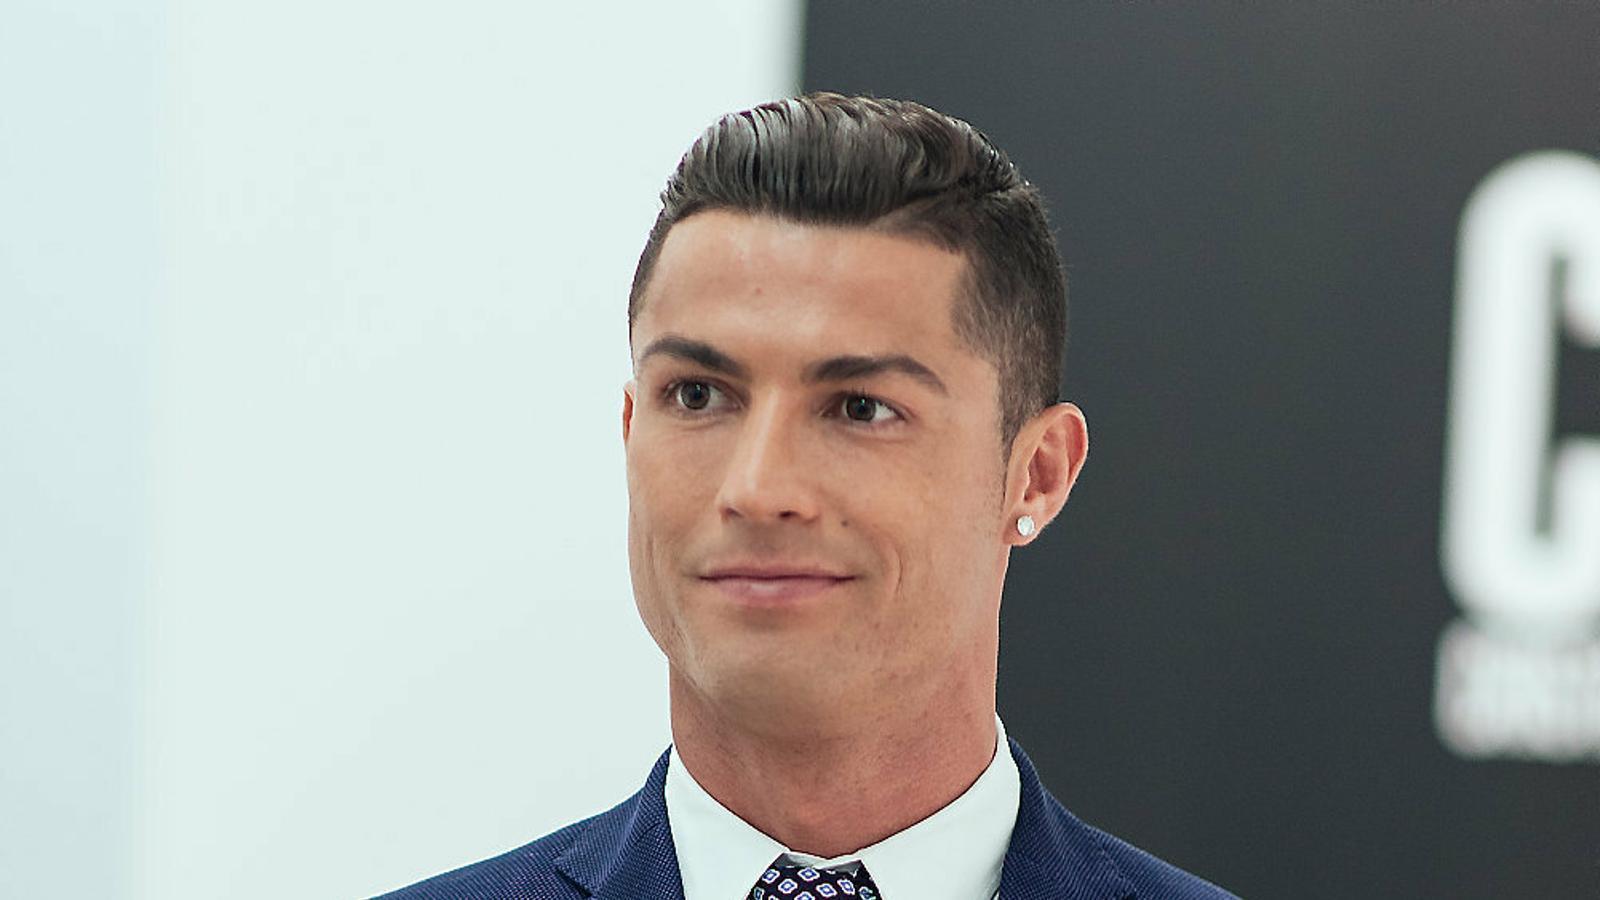 Cristiano dobla Messi  en ingressos a Instagram